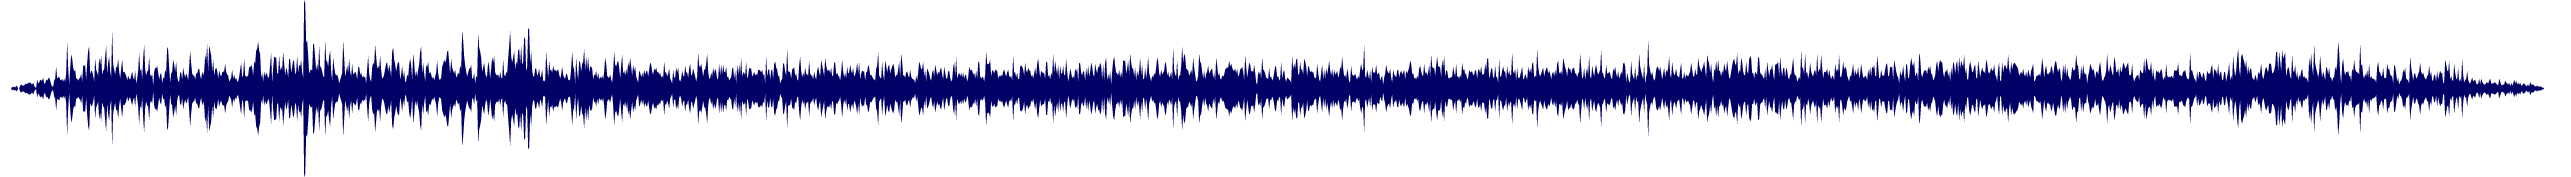 waveform of track #66680